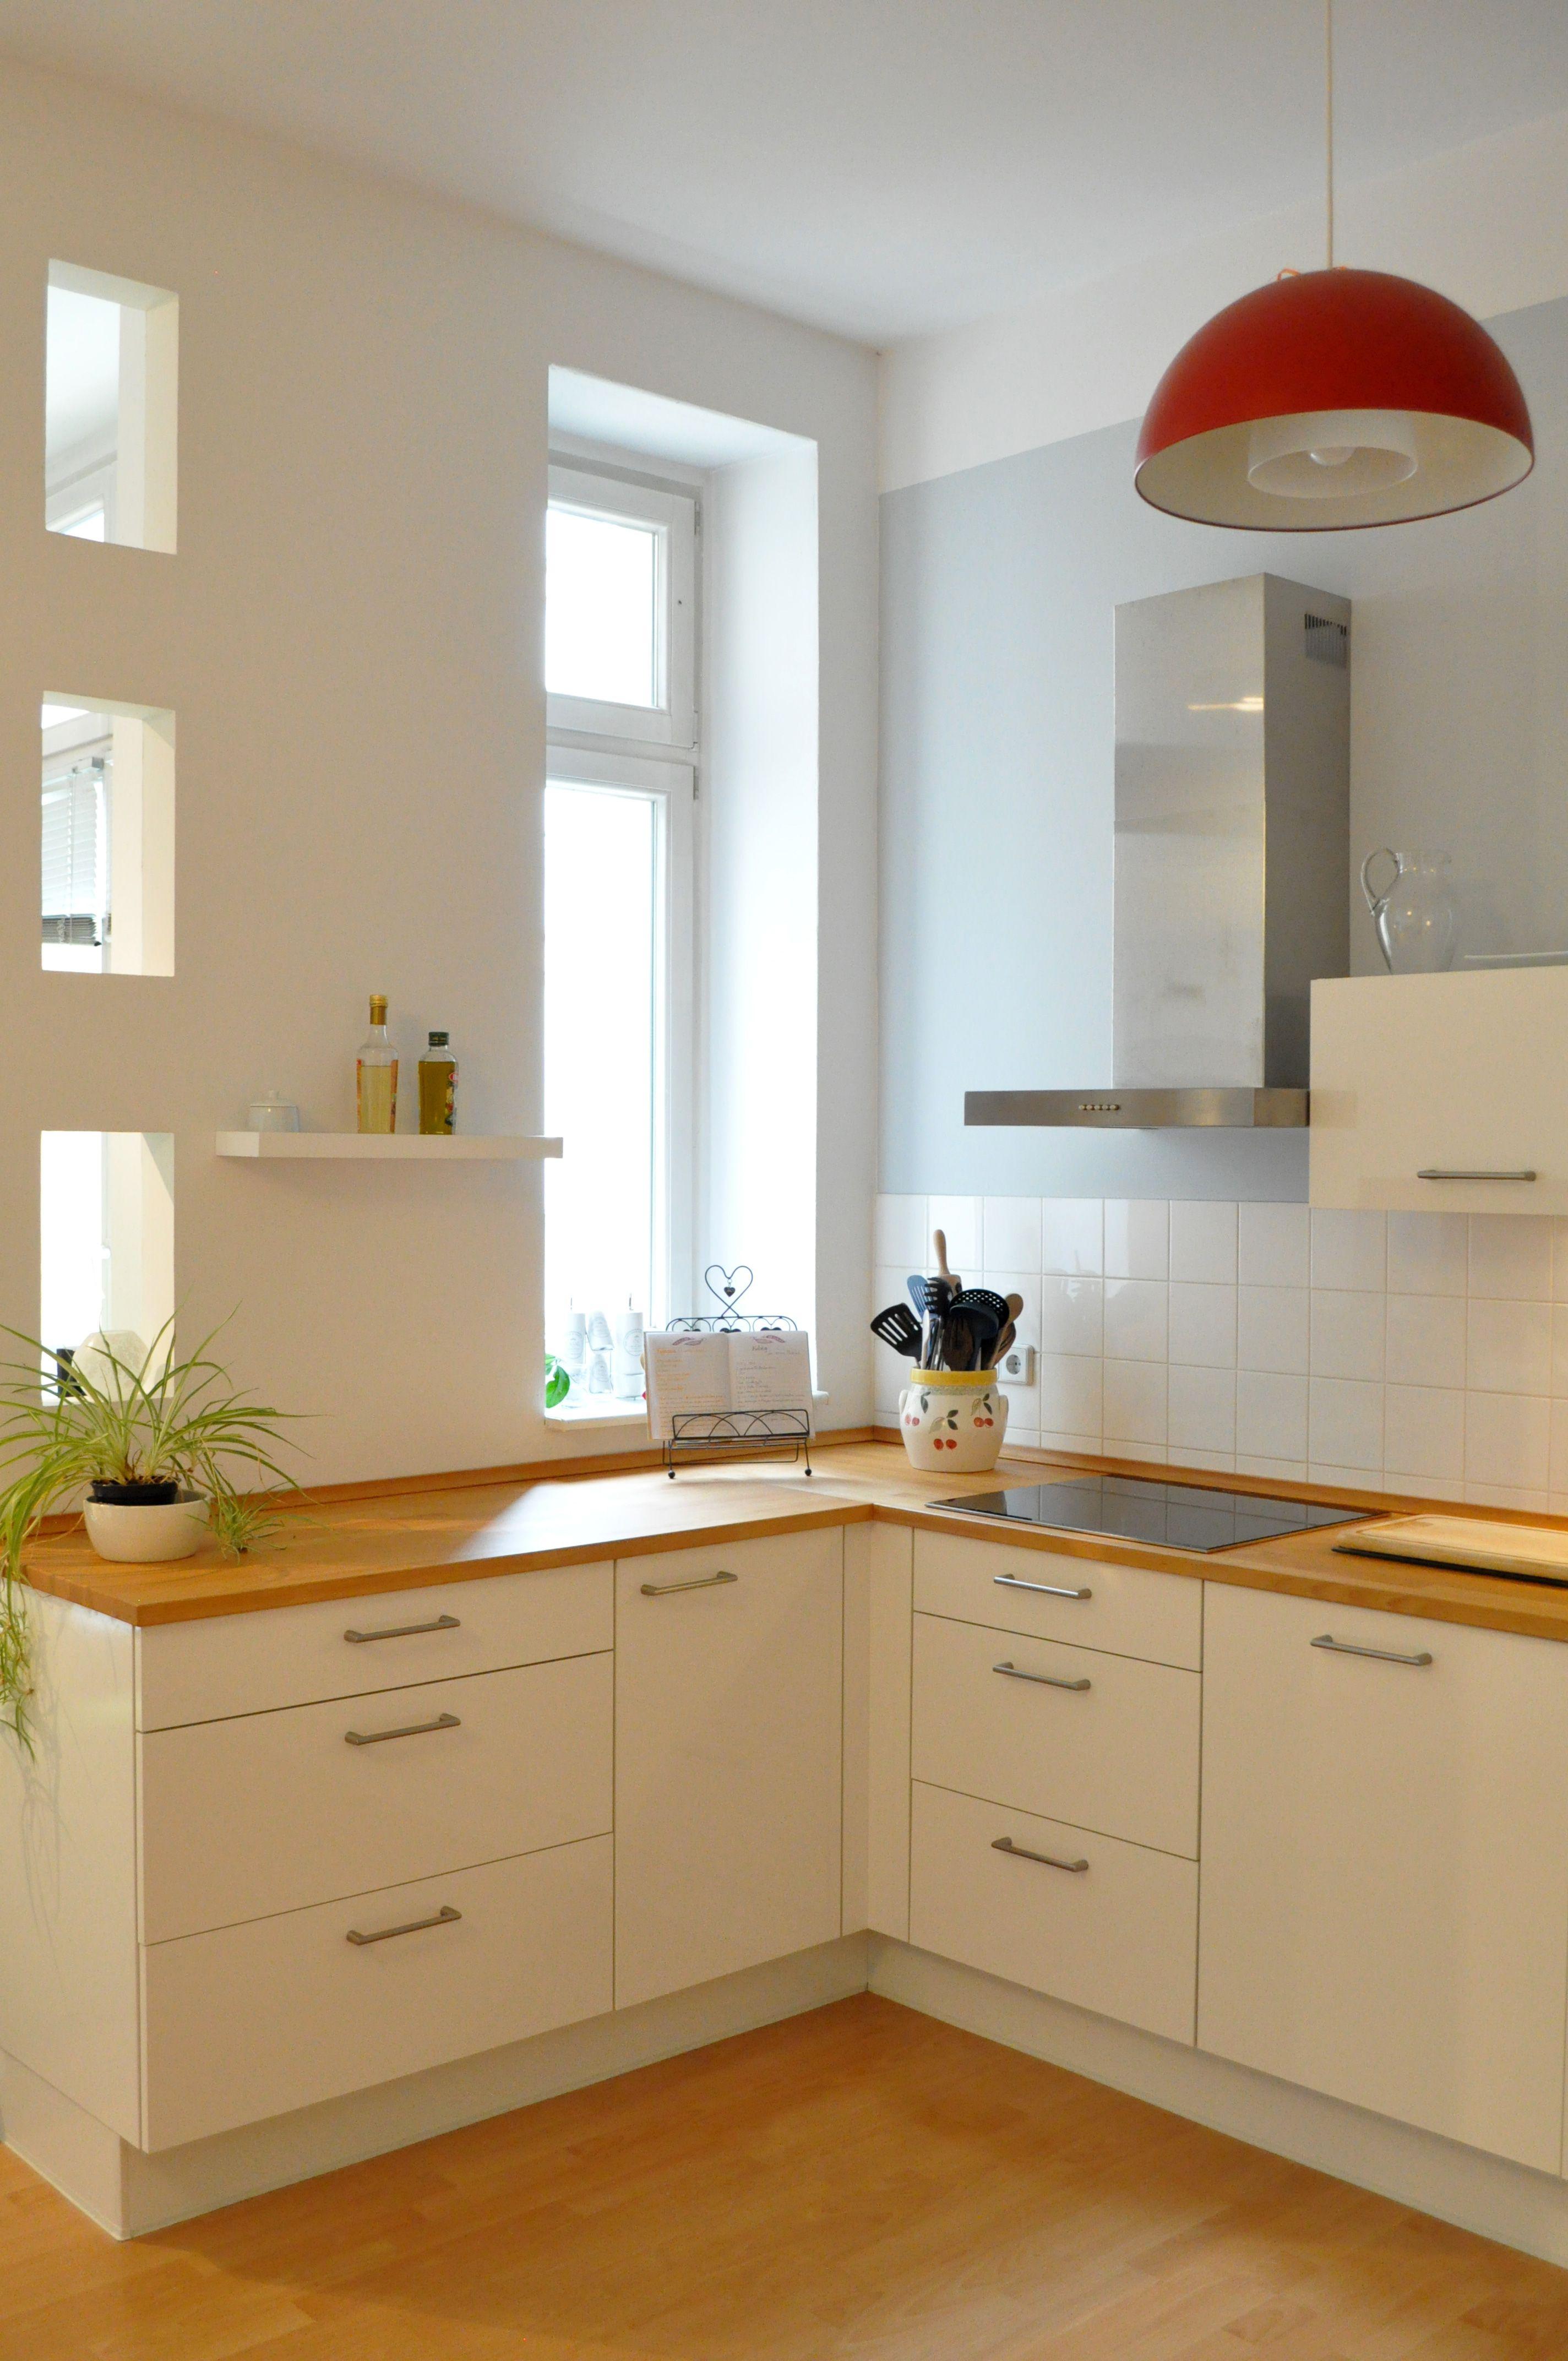 Wohnküche, Kitchen, Küche, Rote Lampe, Küchenprojekt